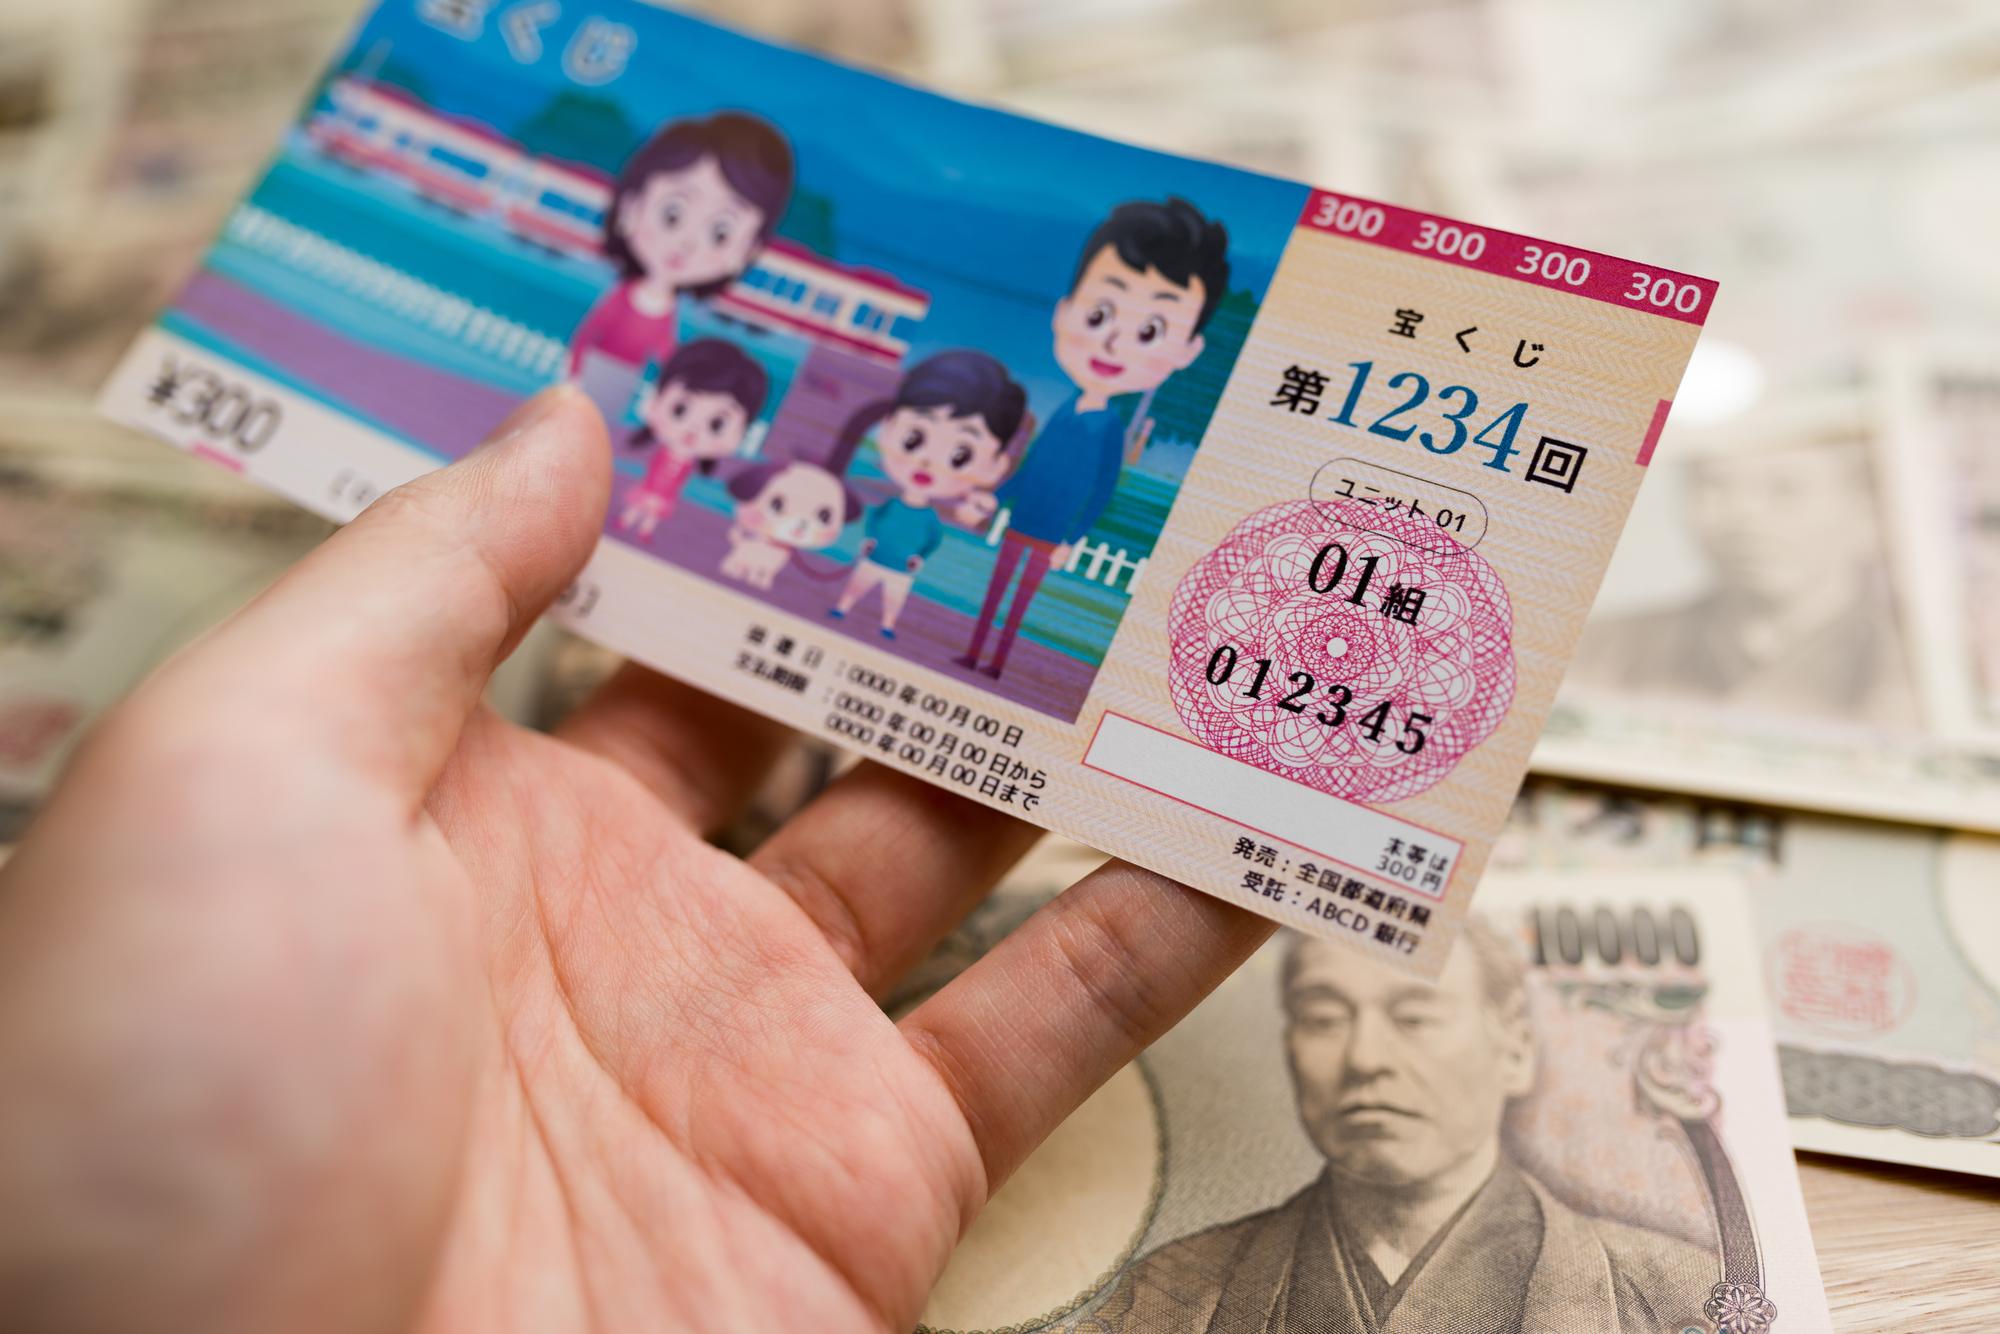 宝くじはギャンブル?期待値から投資対象の商品として解説してみた!